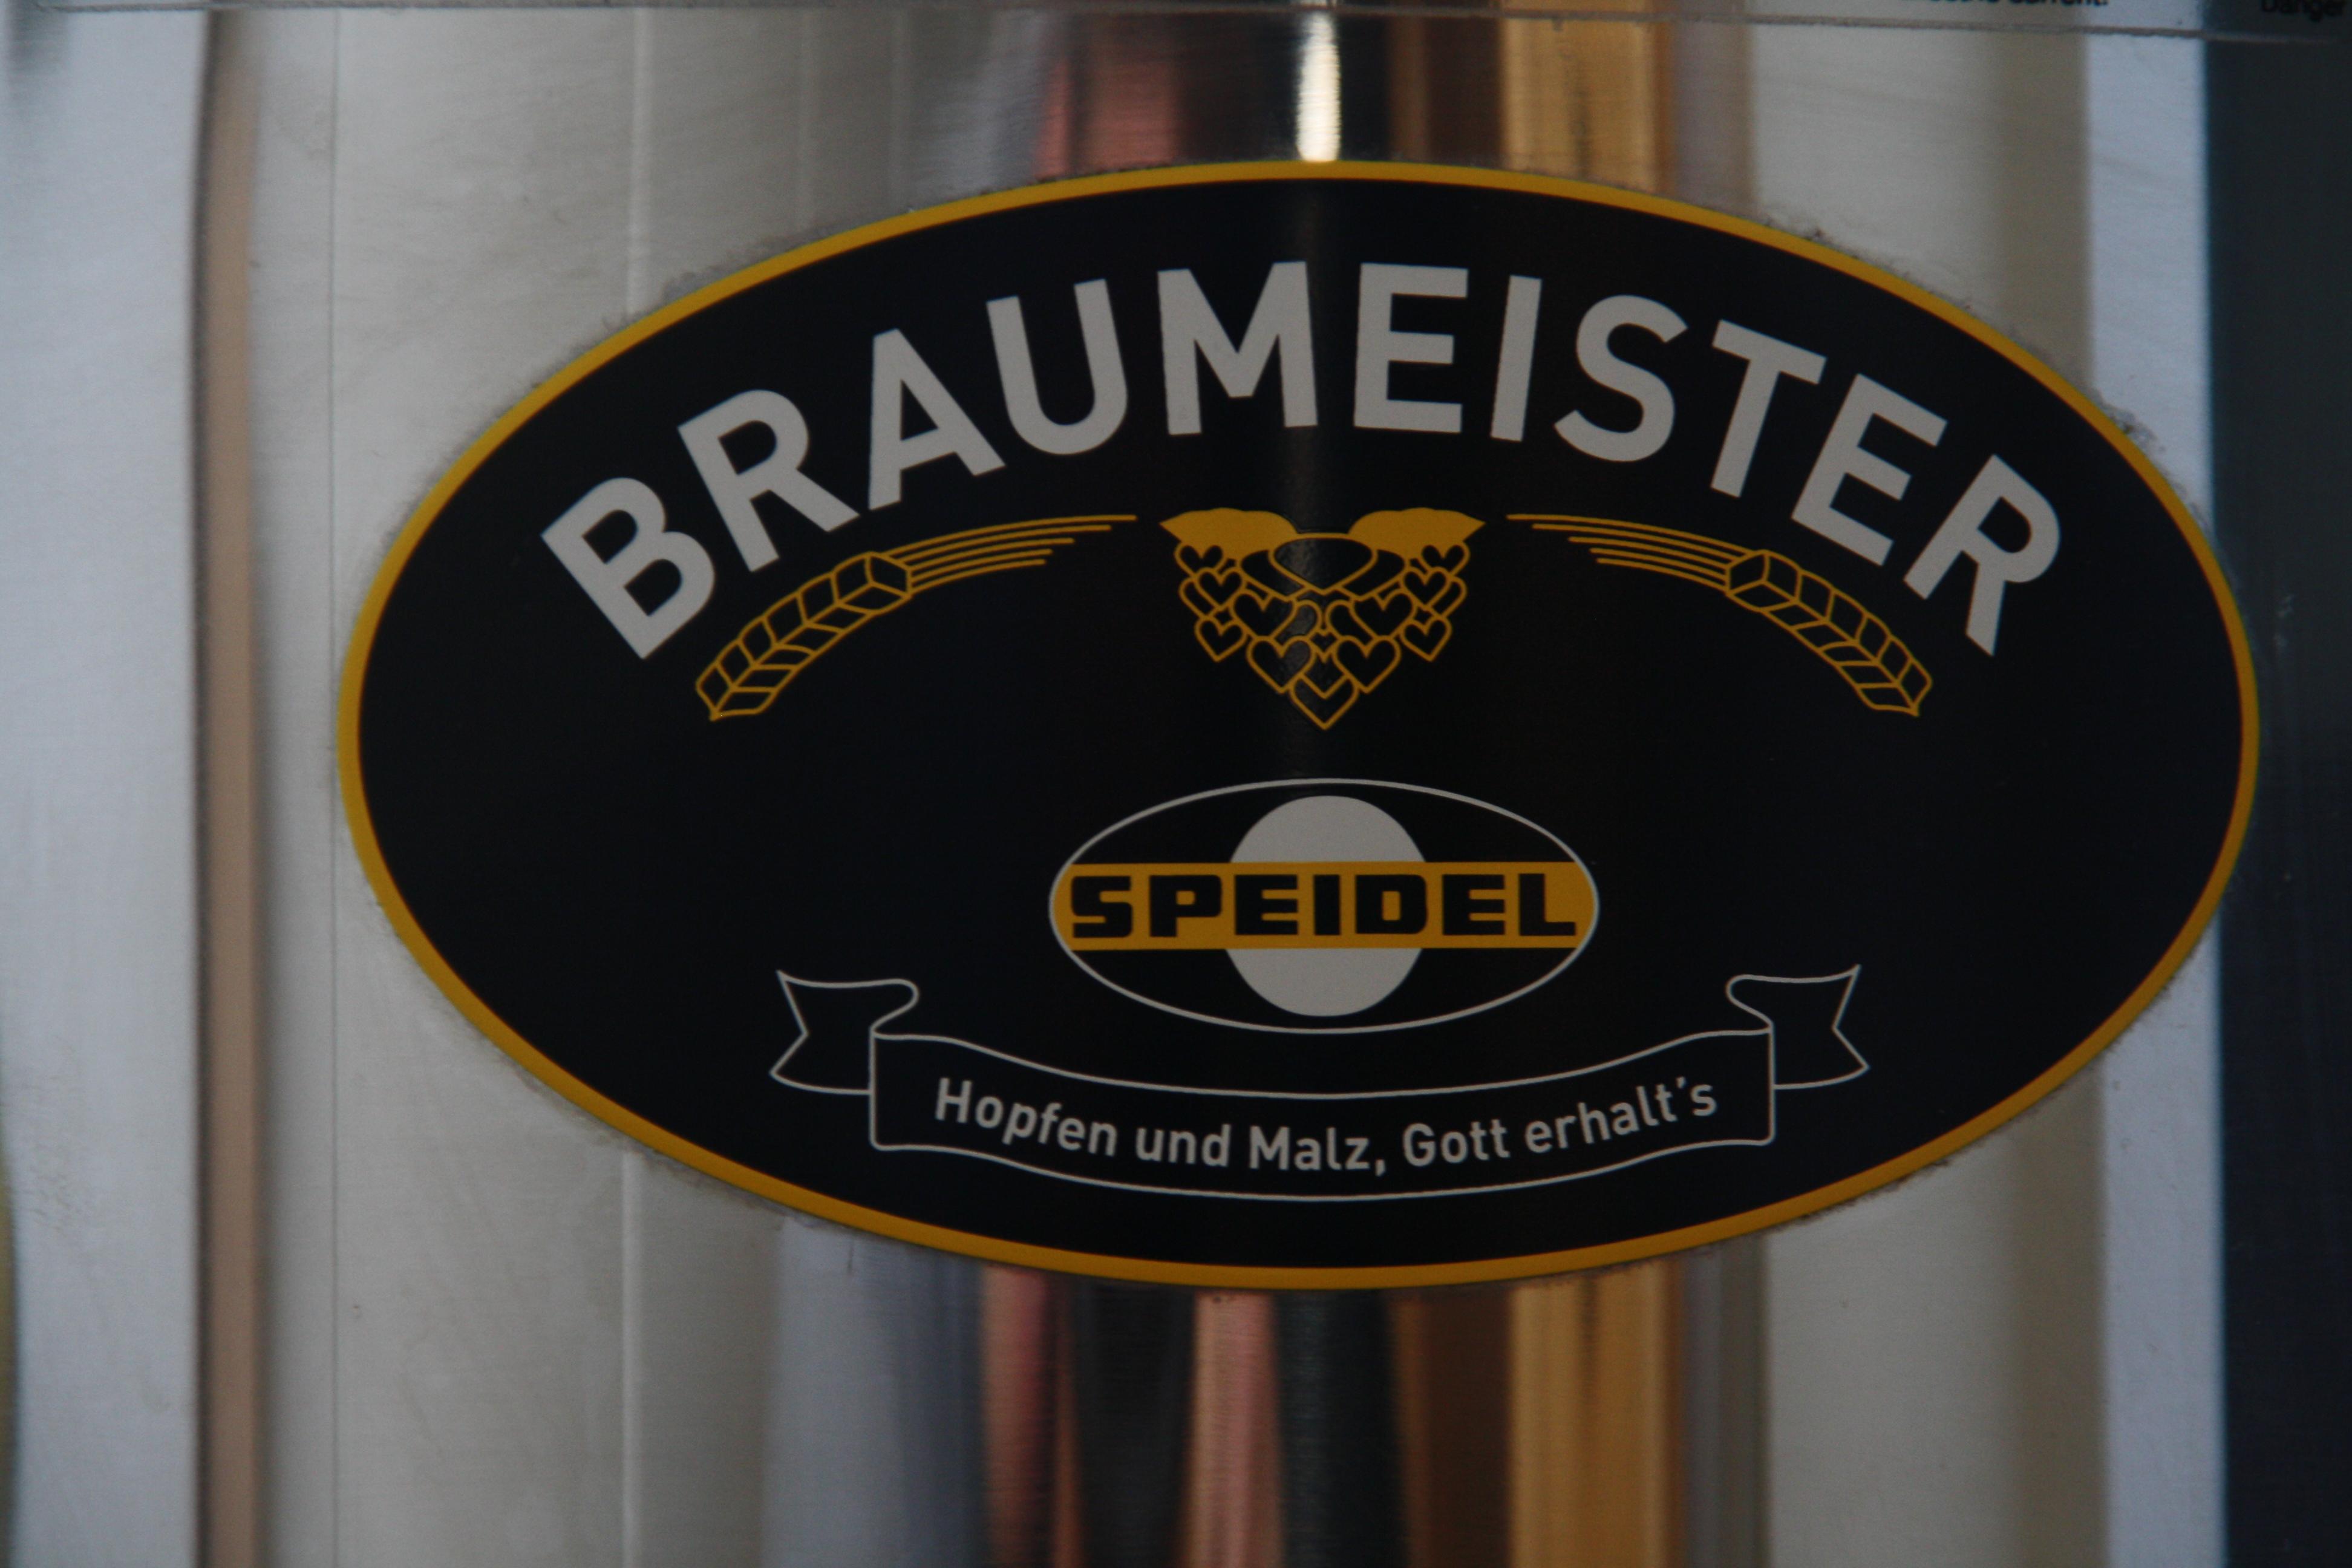 Bierbrauen Zu Hause Perfect Bierbrauen Zuhause With